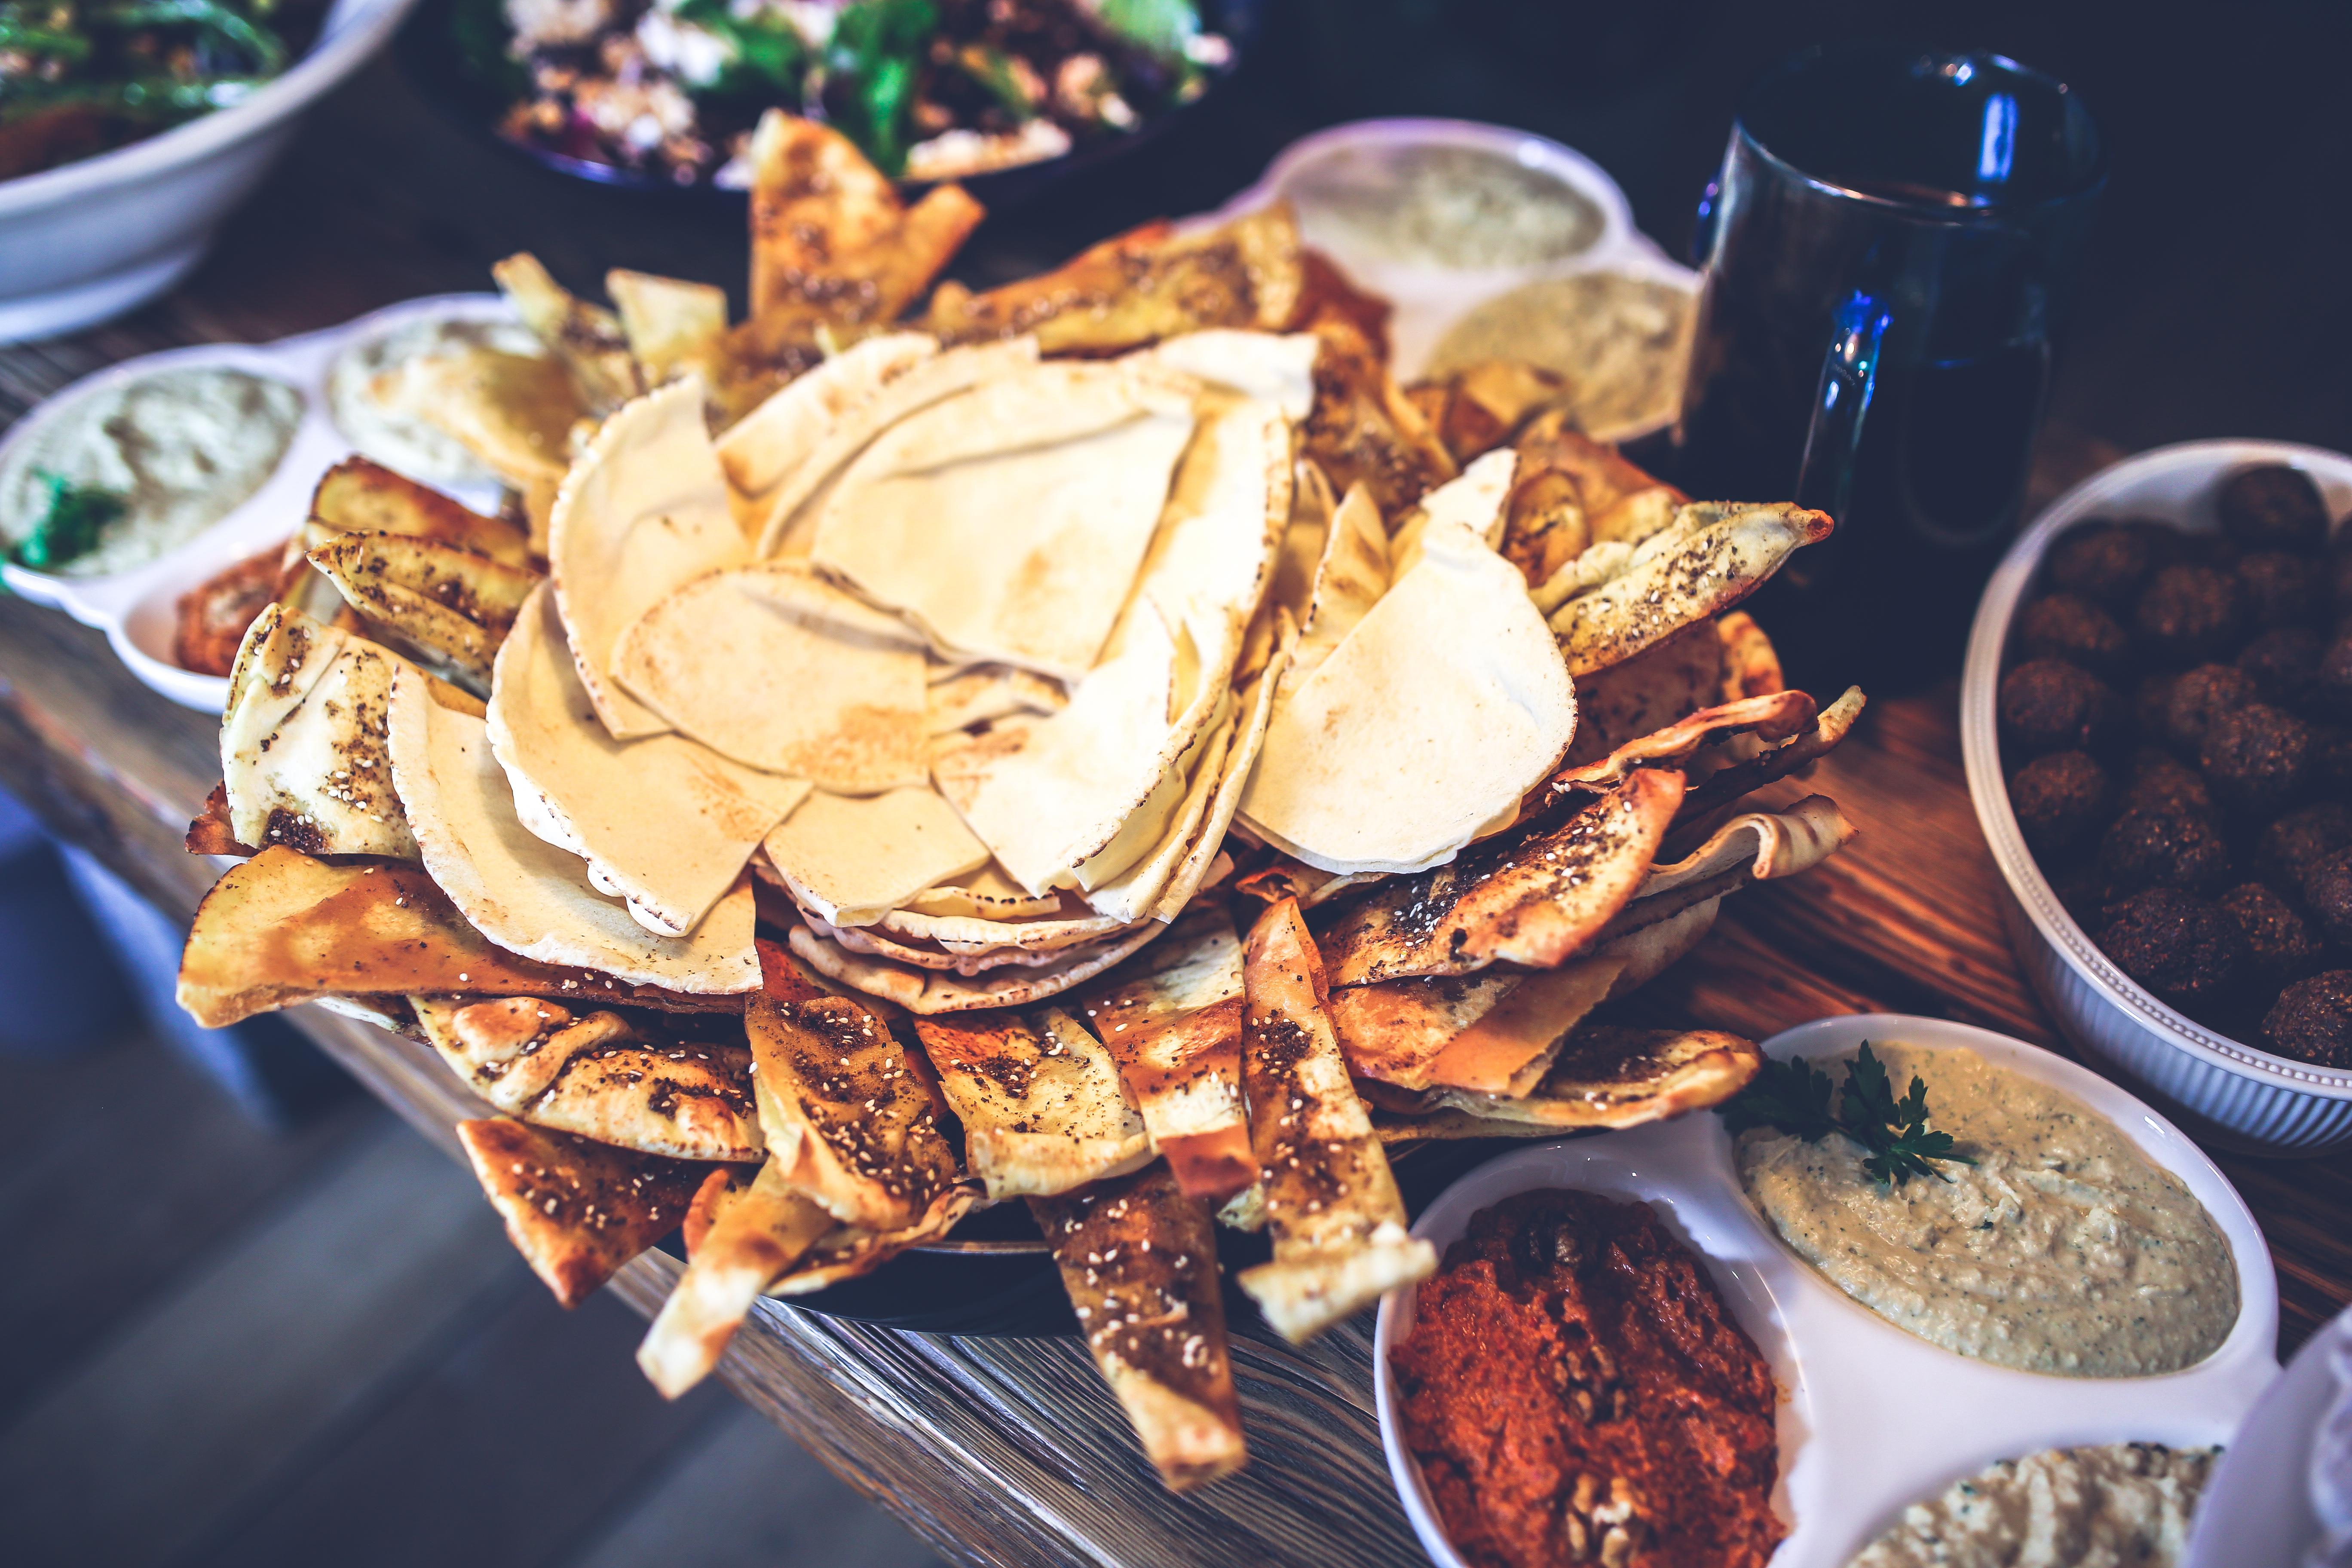 food-lunch-mexican-nachos.jpg (5472×3648)